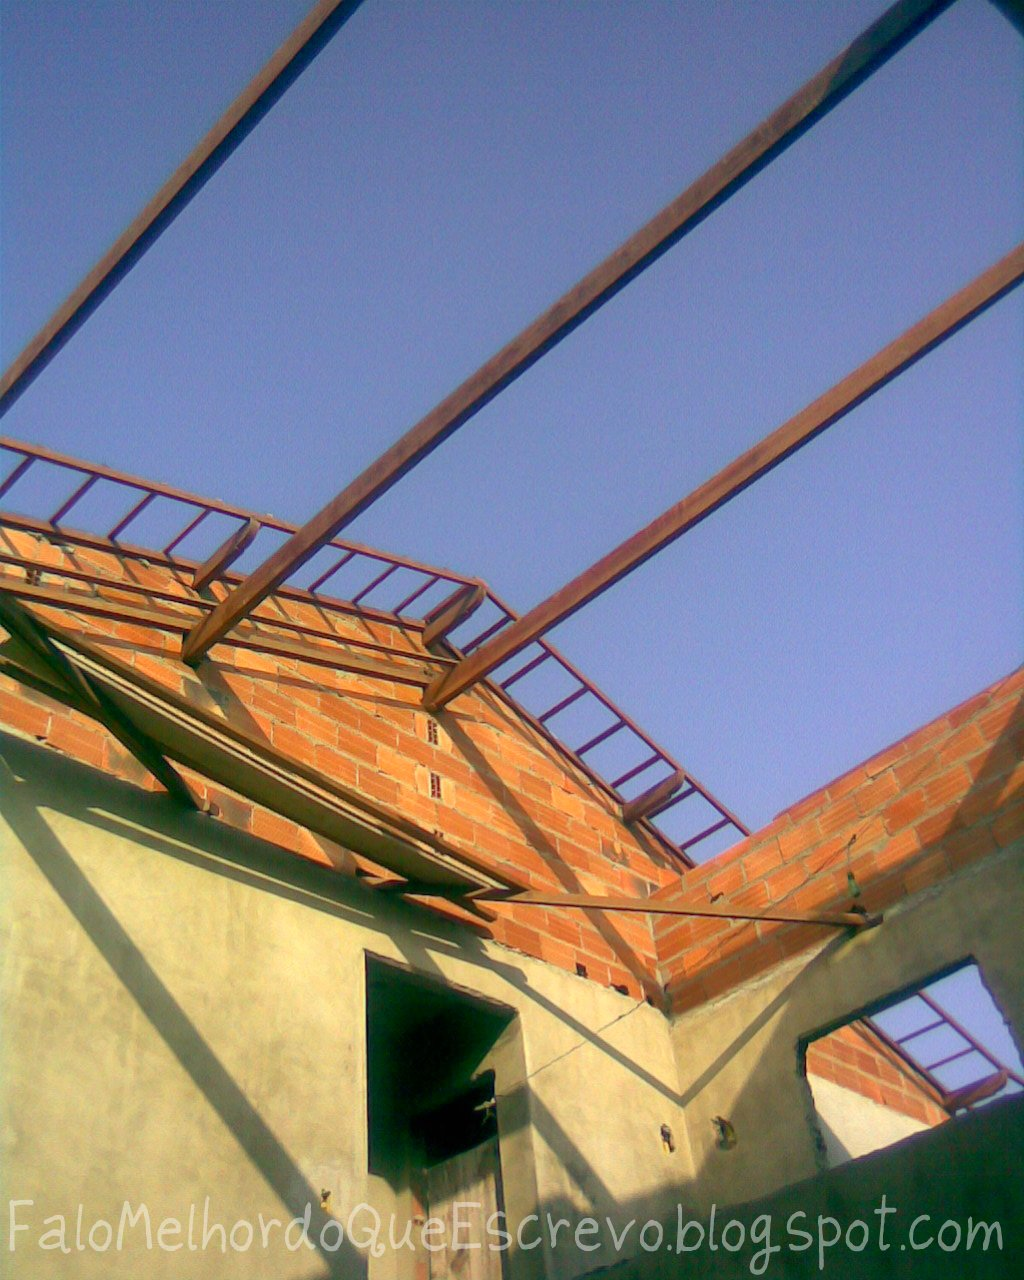 Falo melhor do que escrevo: O telhado #A65C25 1024x1280